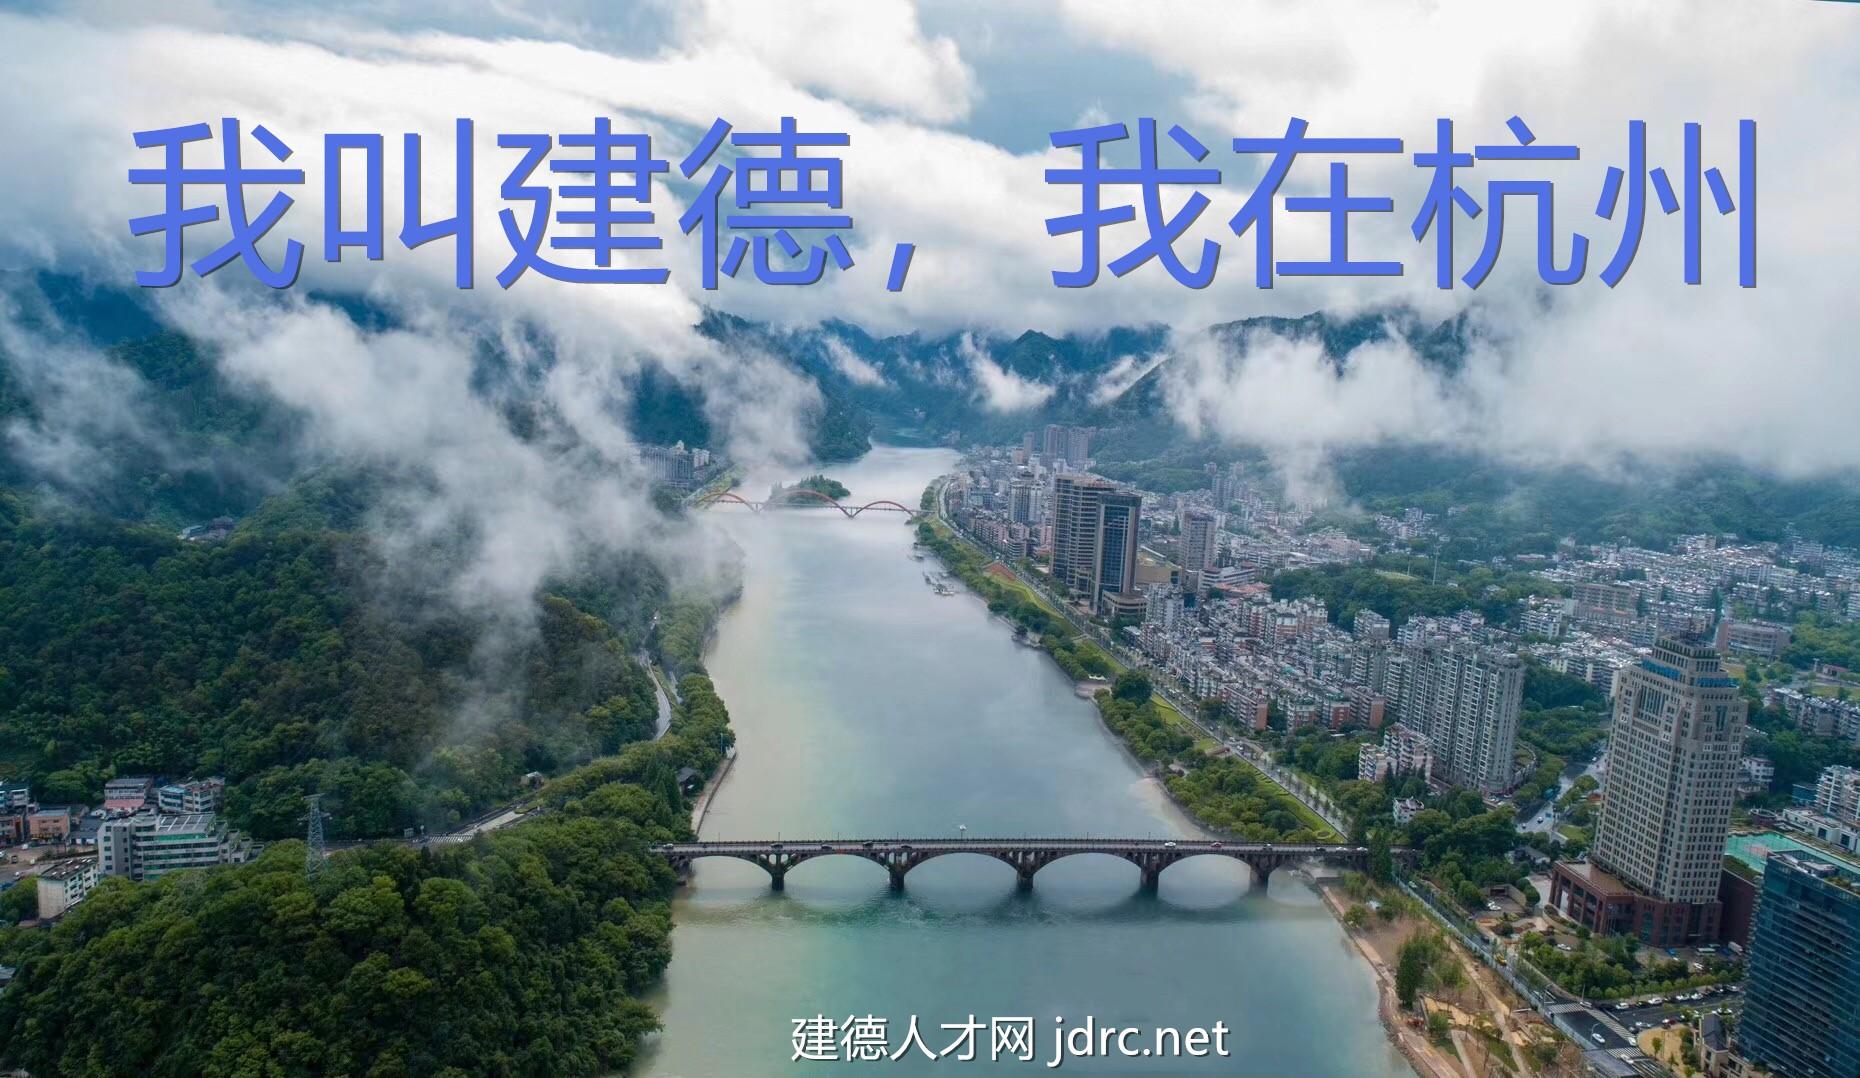 建德是杭州的吗?